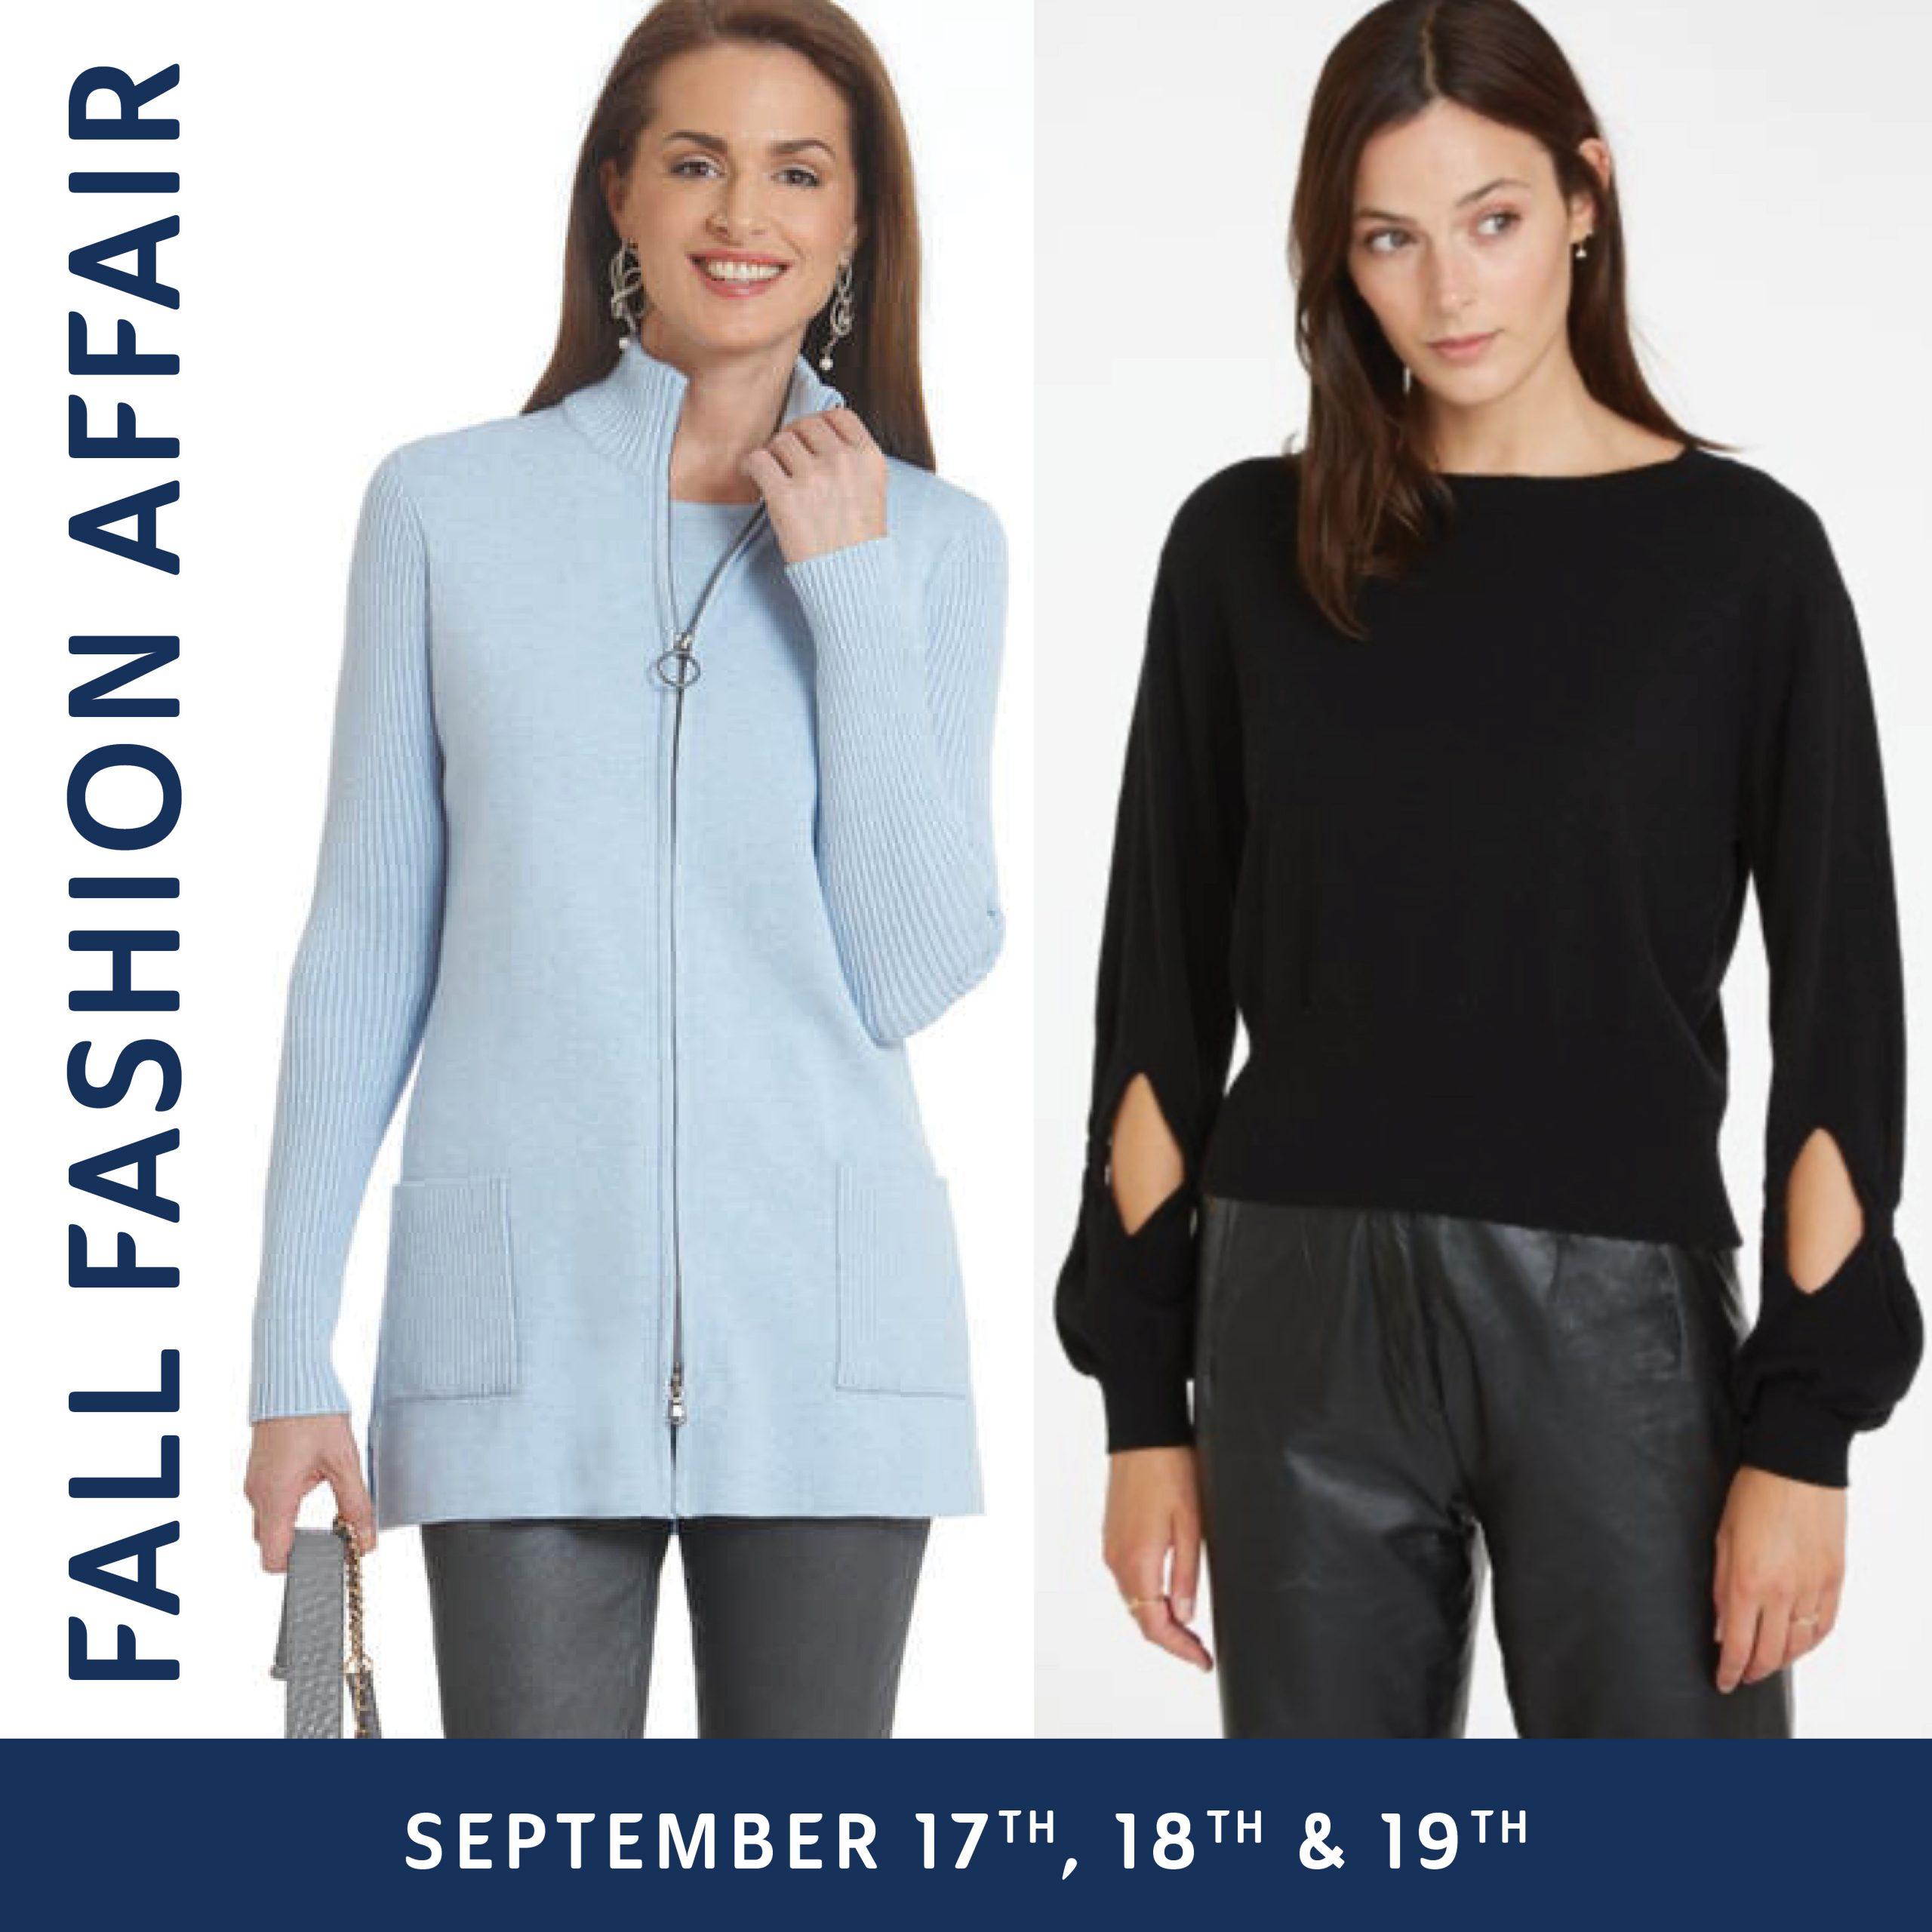 Fall Fashion Affair